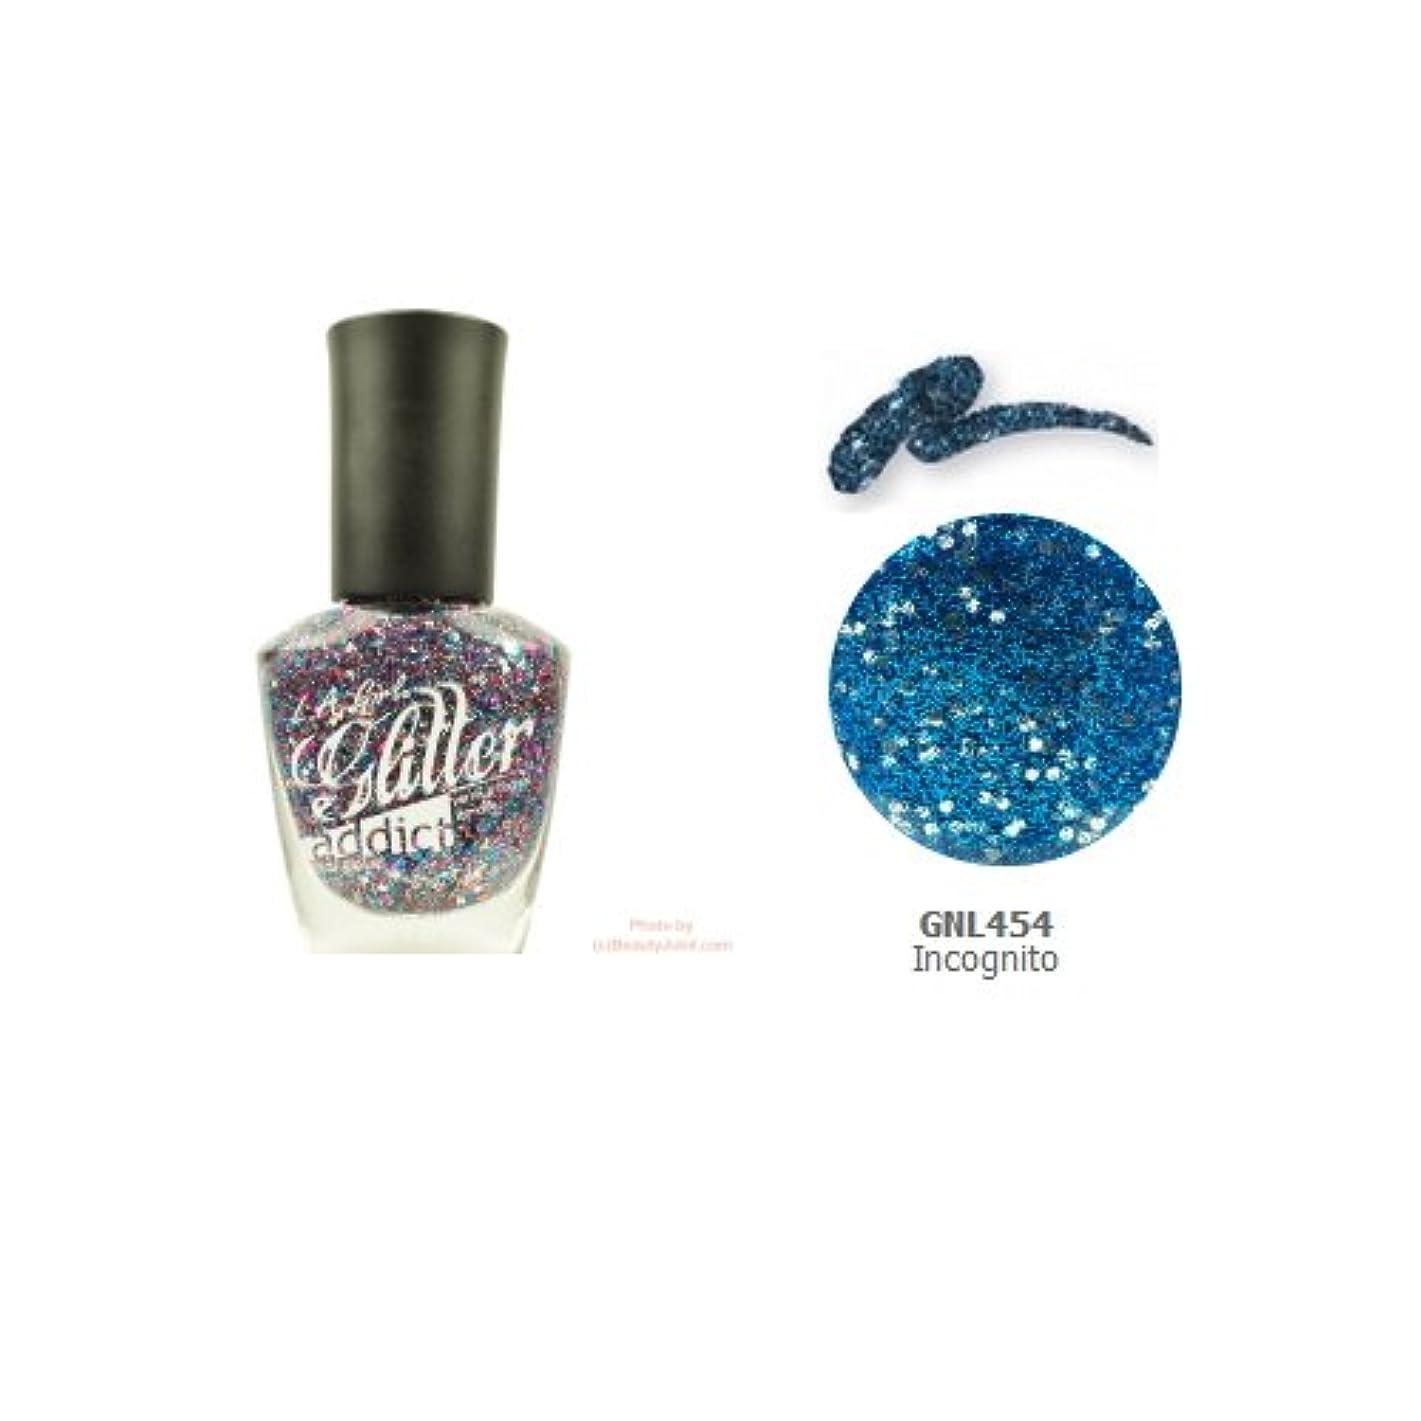 後者カバレッジコピー(6 Pack) LA GIRL Glitter Addict Polish - Incognito (並行輸入品)